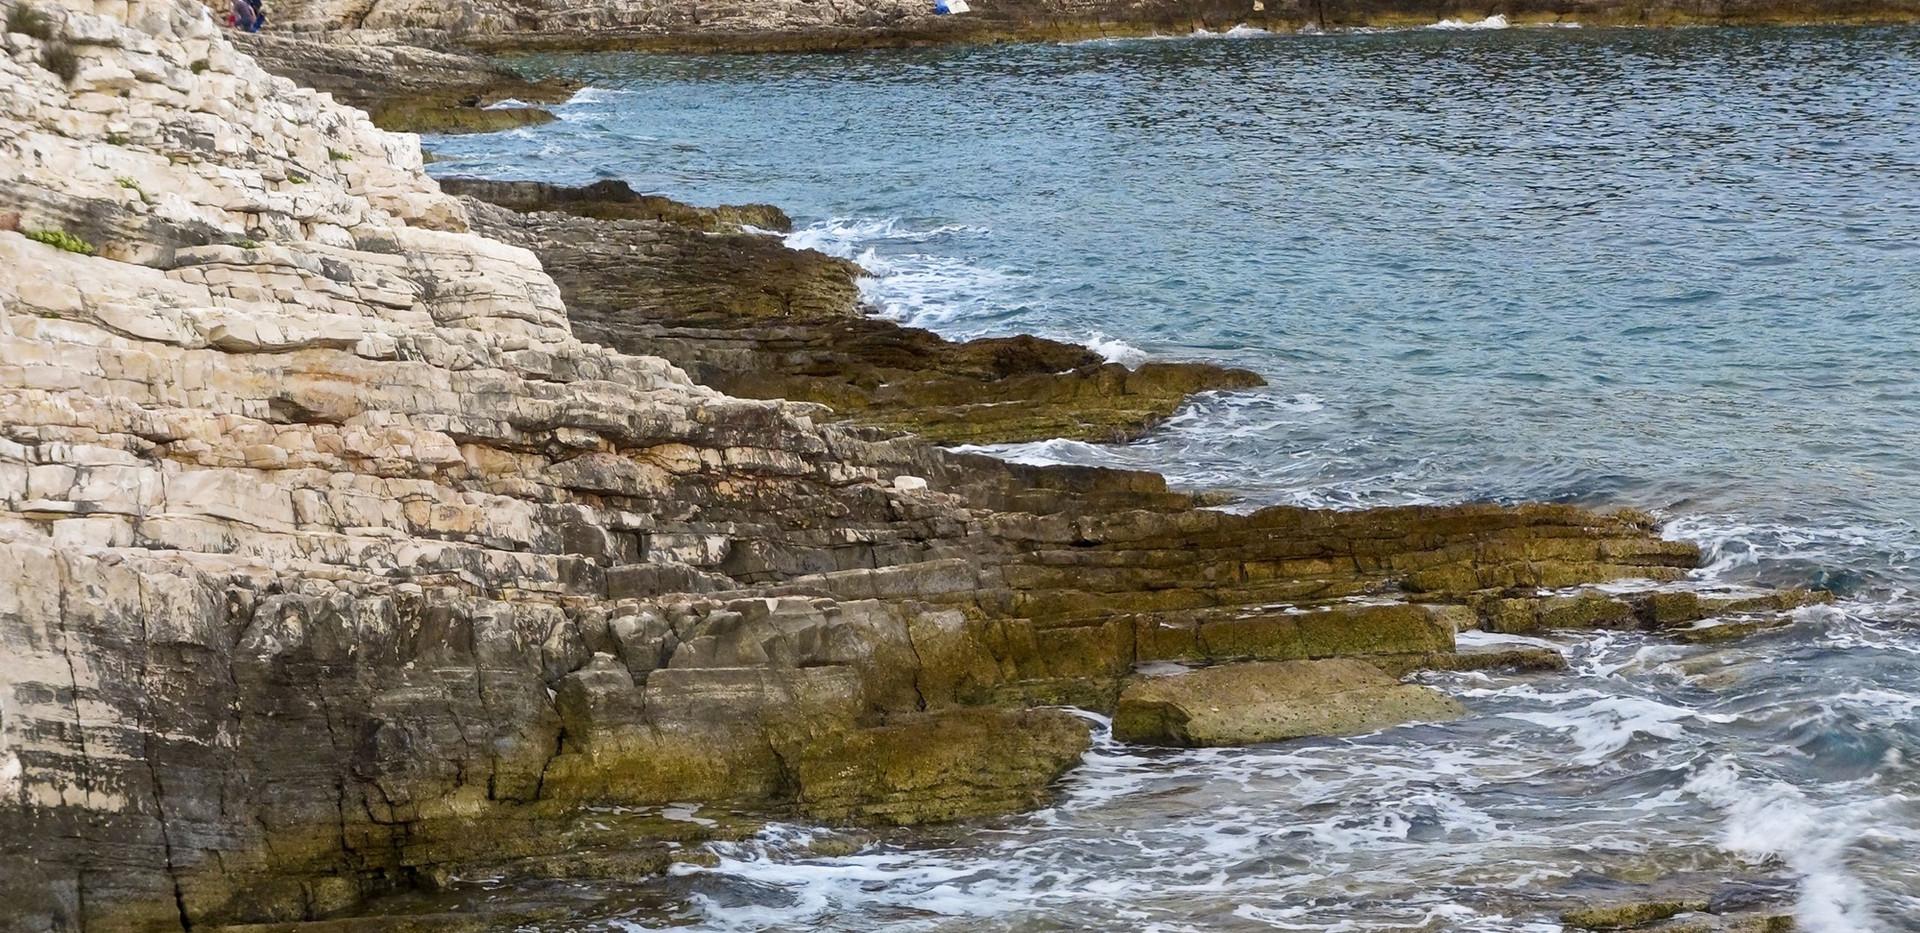 Kamenjak